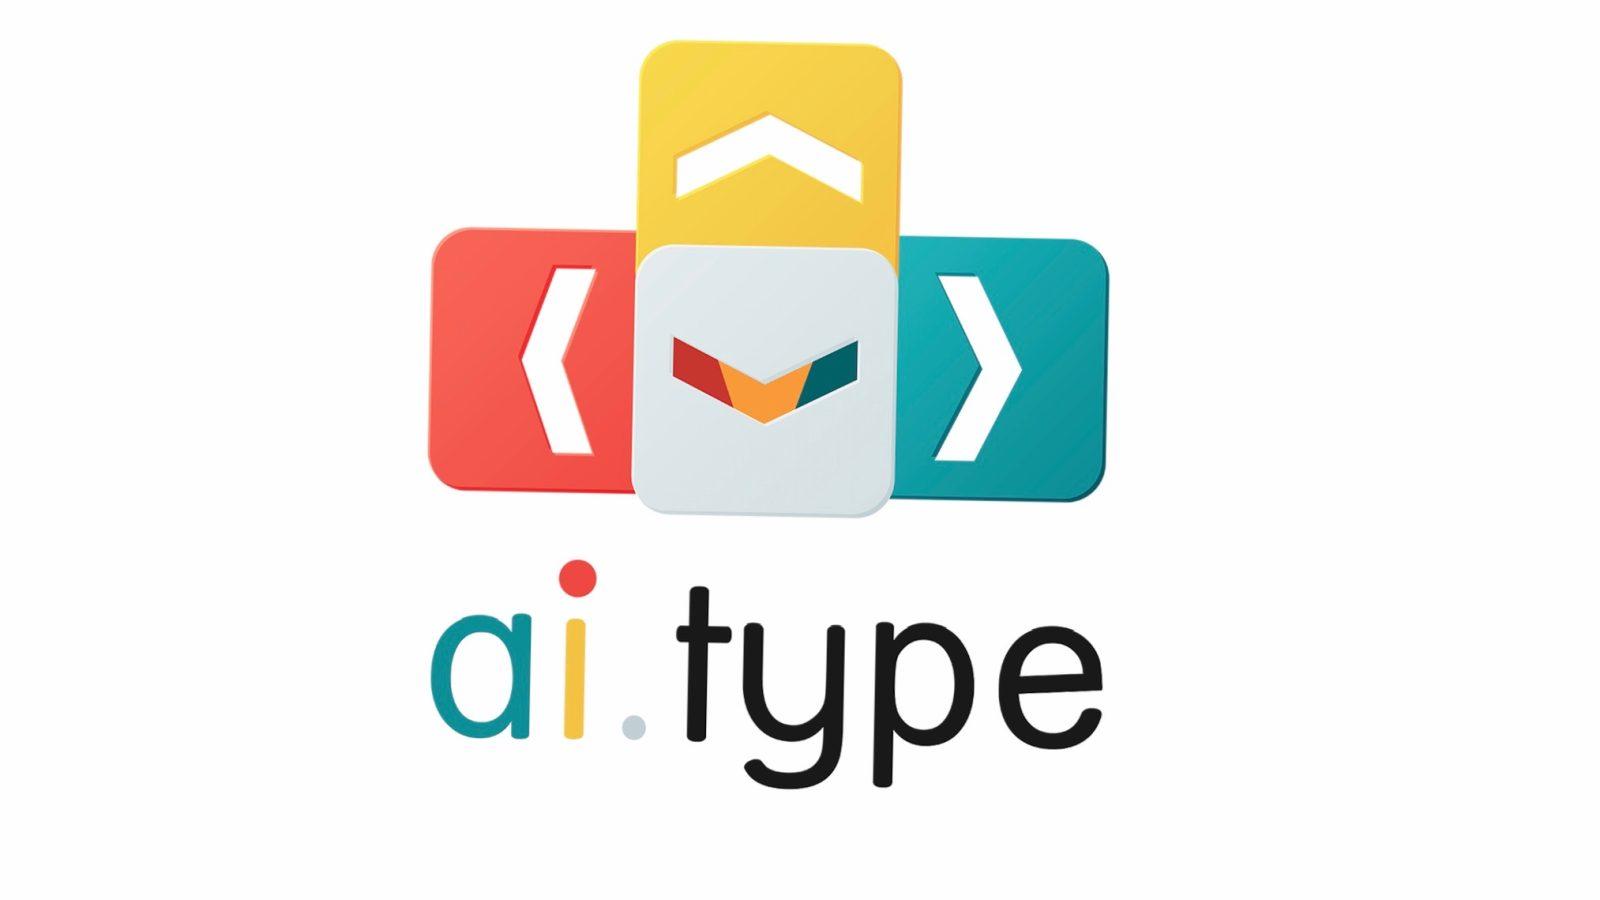 ai-type